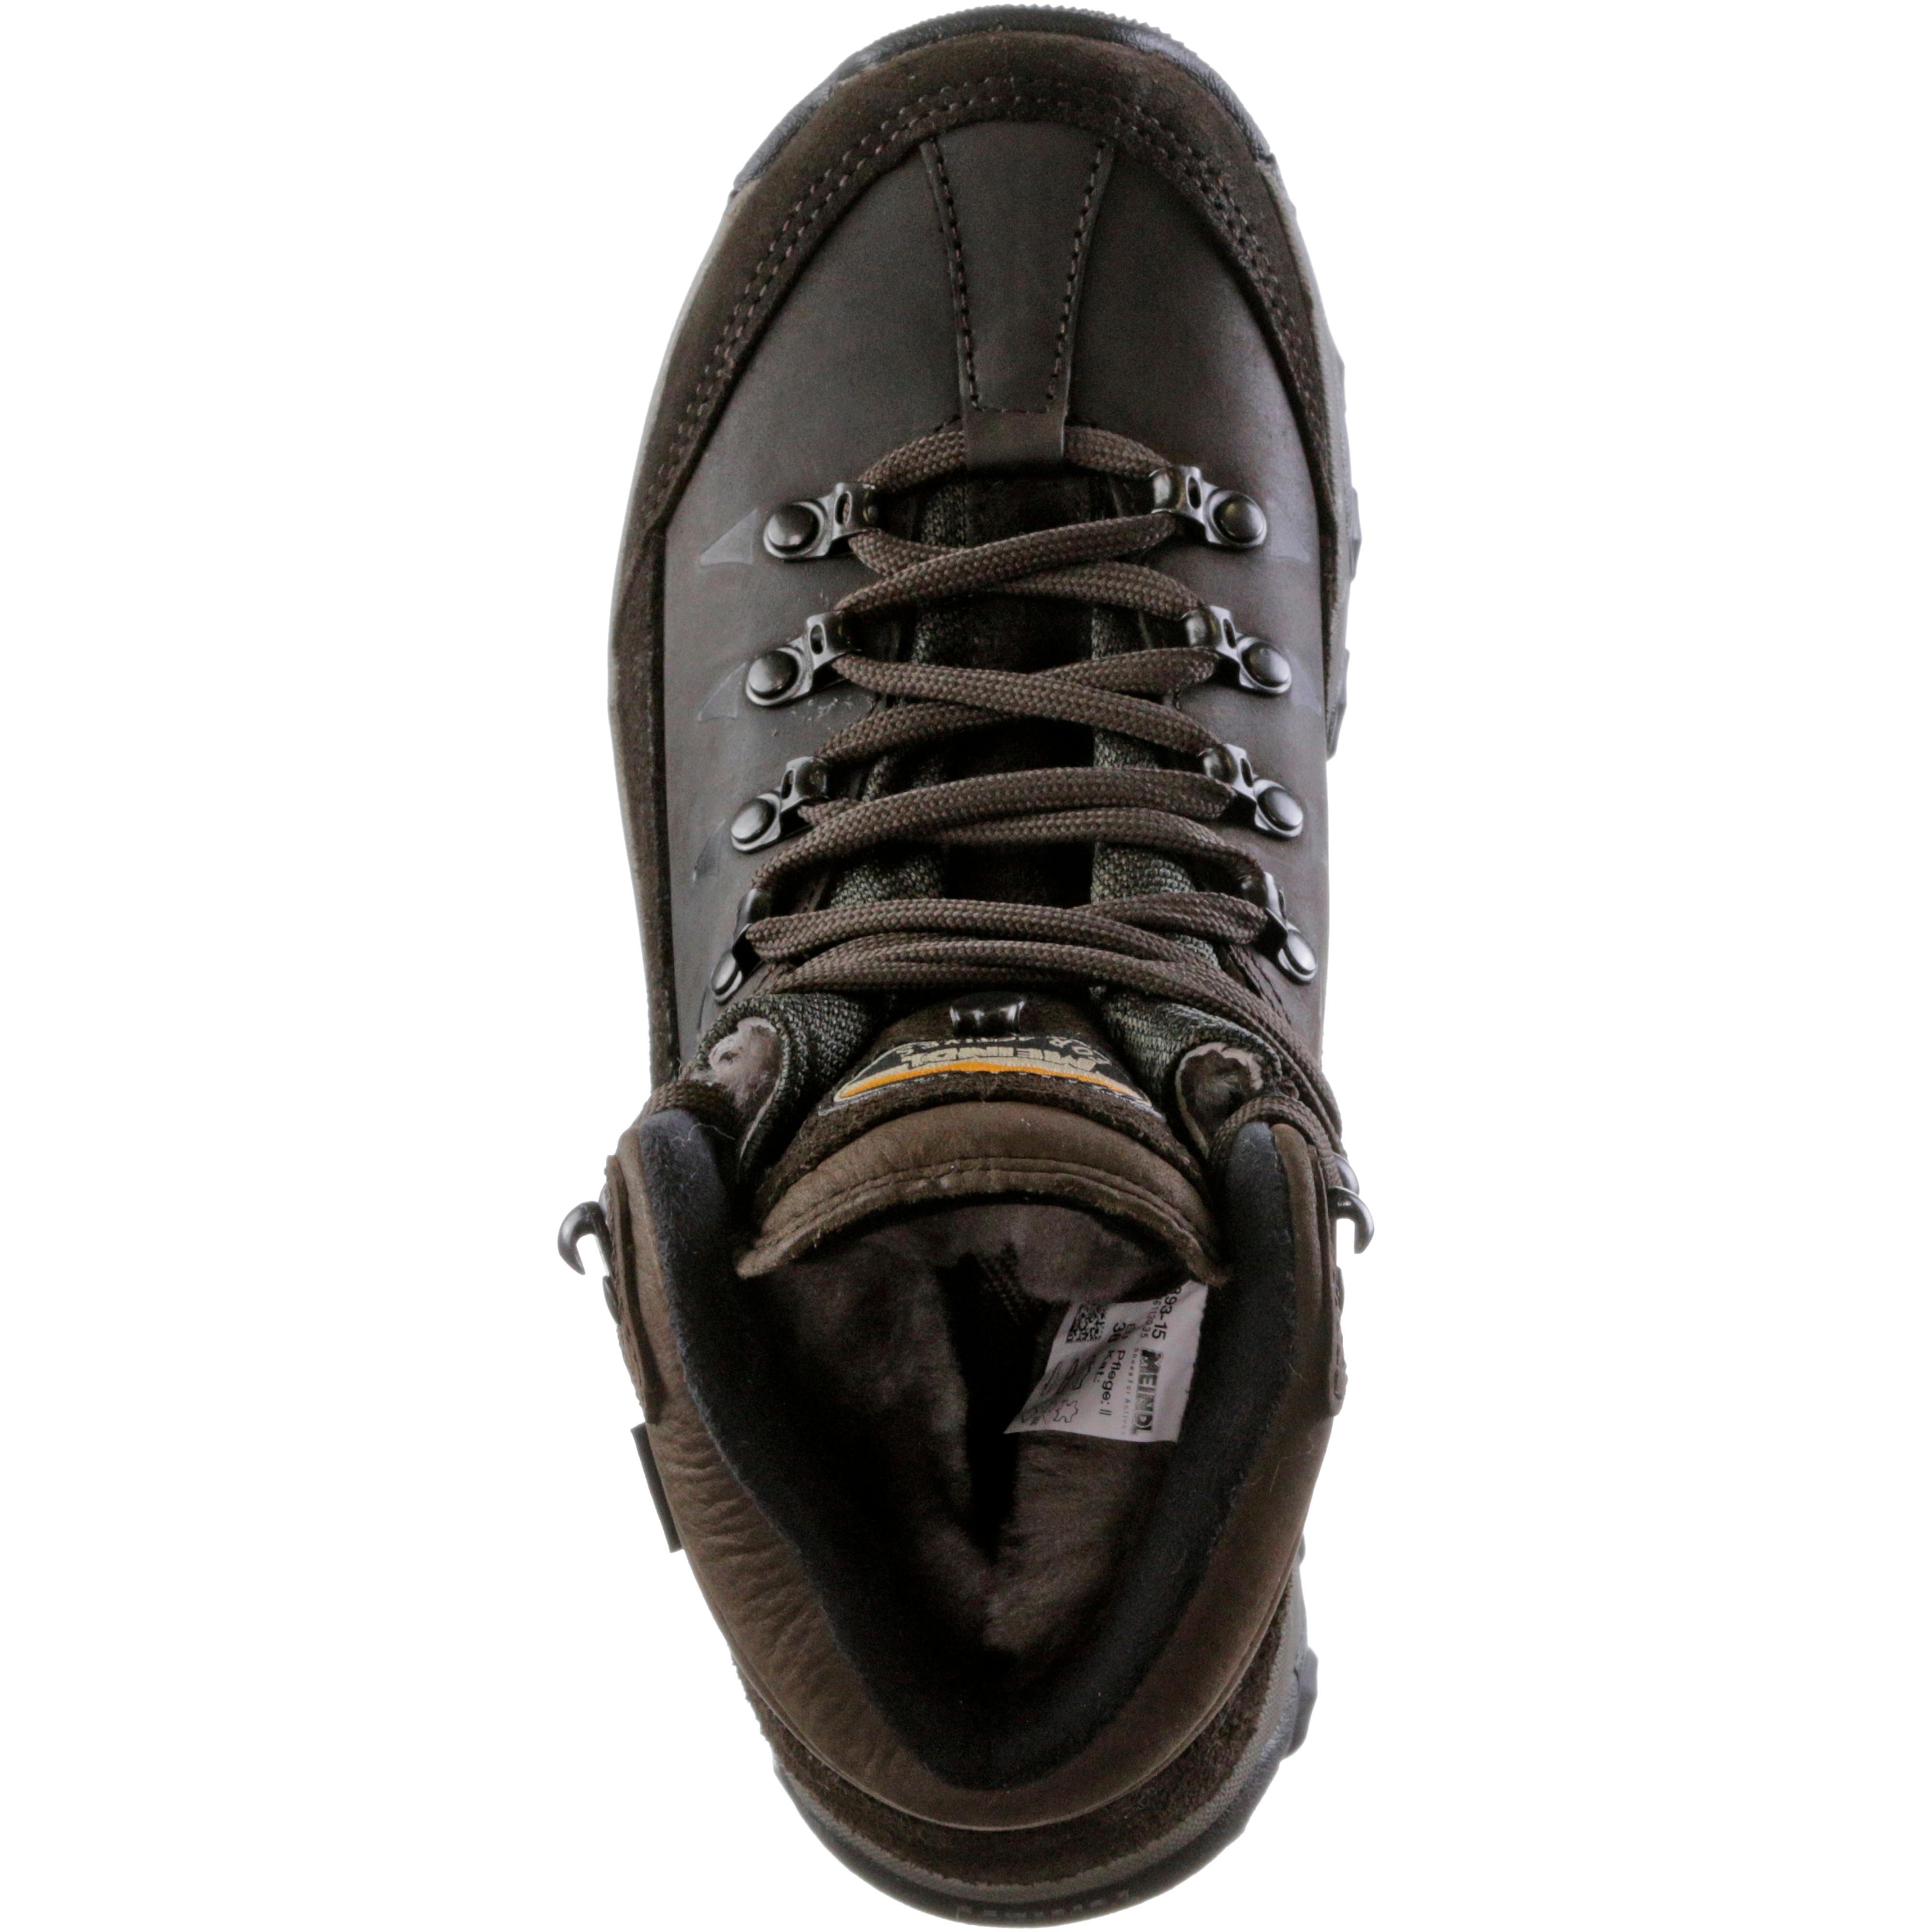 MEINDL Rauris GTX Winterschuhe Winterschuhe Winterschuhe Damen braun im Online Shop von SportScheck kaufen Gute Qualität beliebte Schuhe 4f37a9